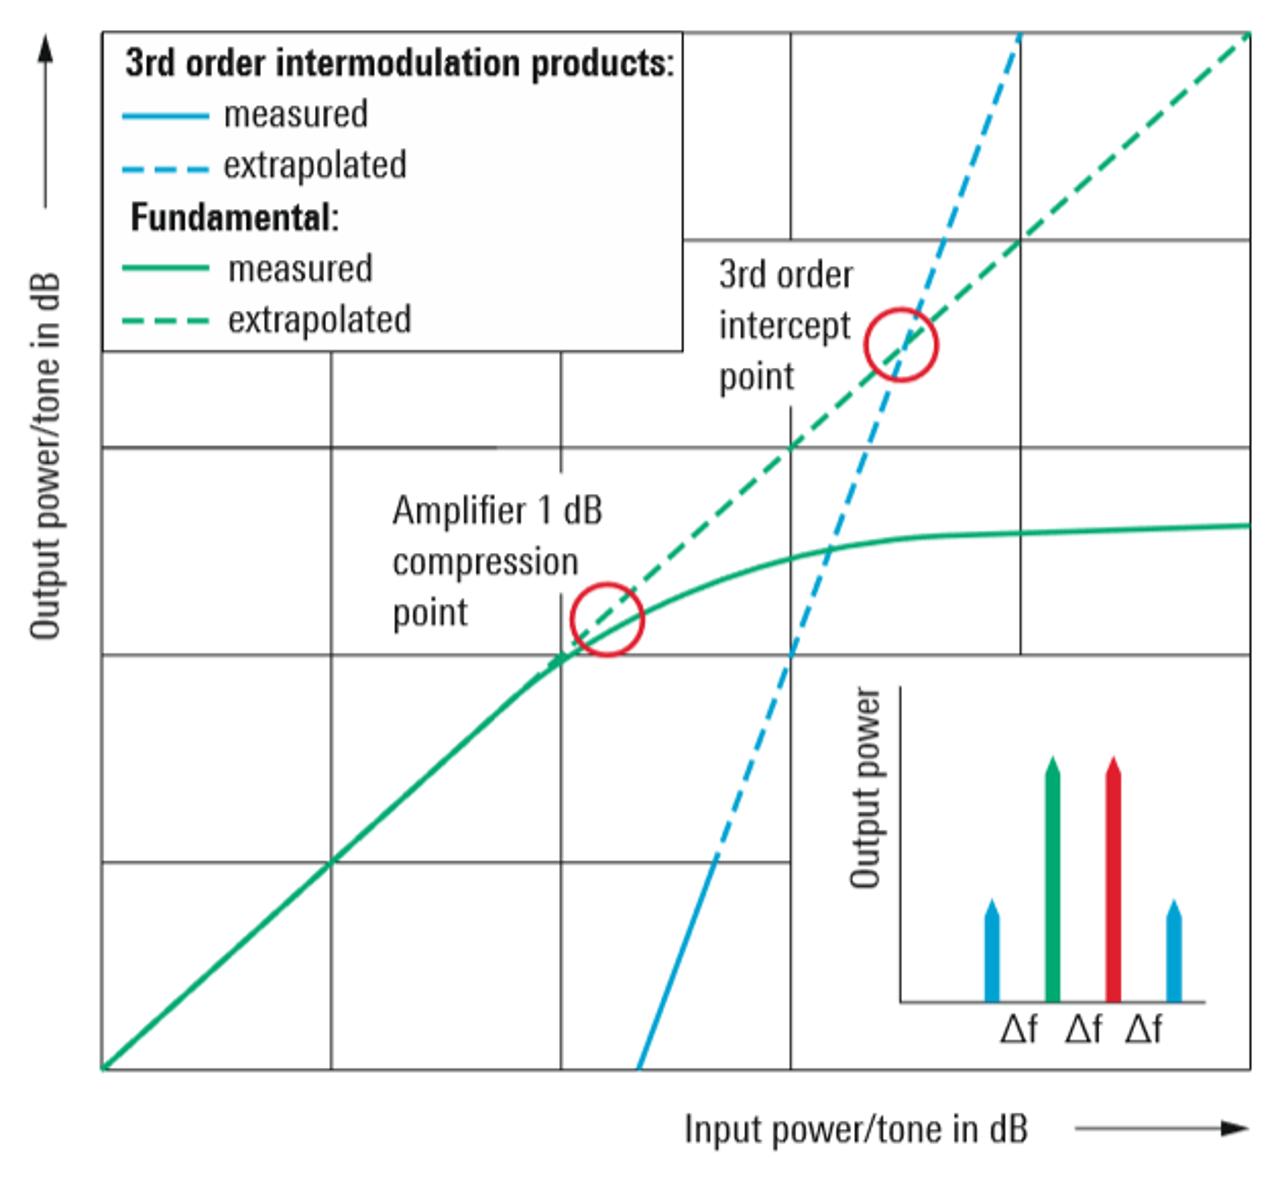 Performance d'intermodulation de 3ème ordre d'un amplificateur typique